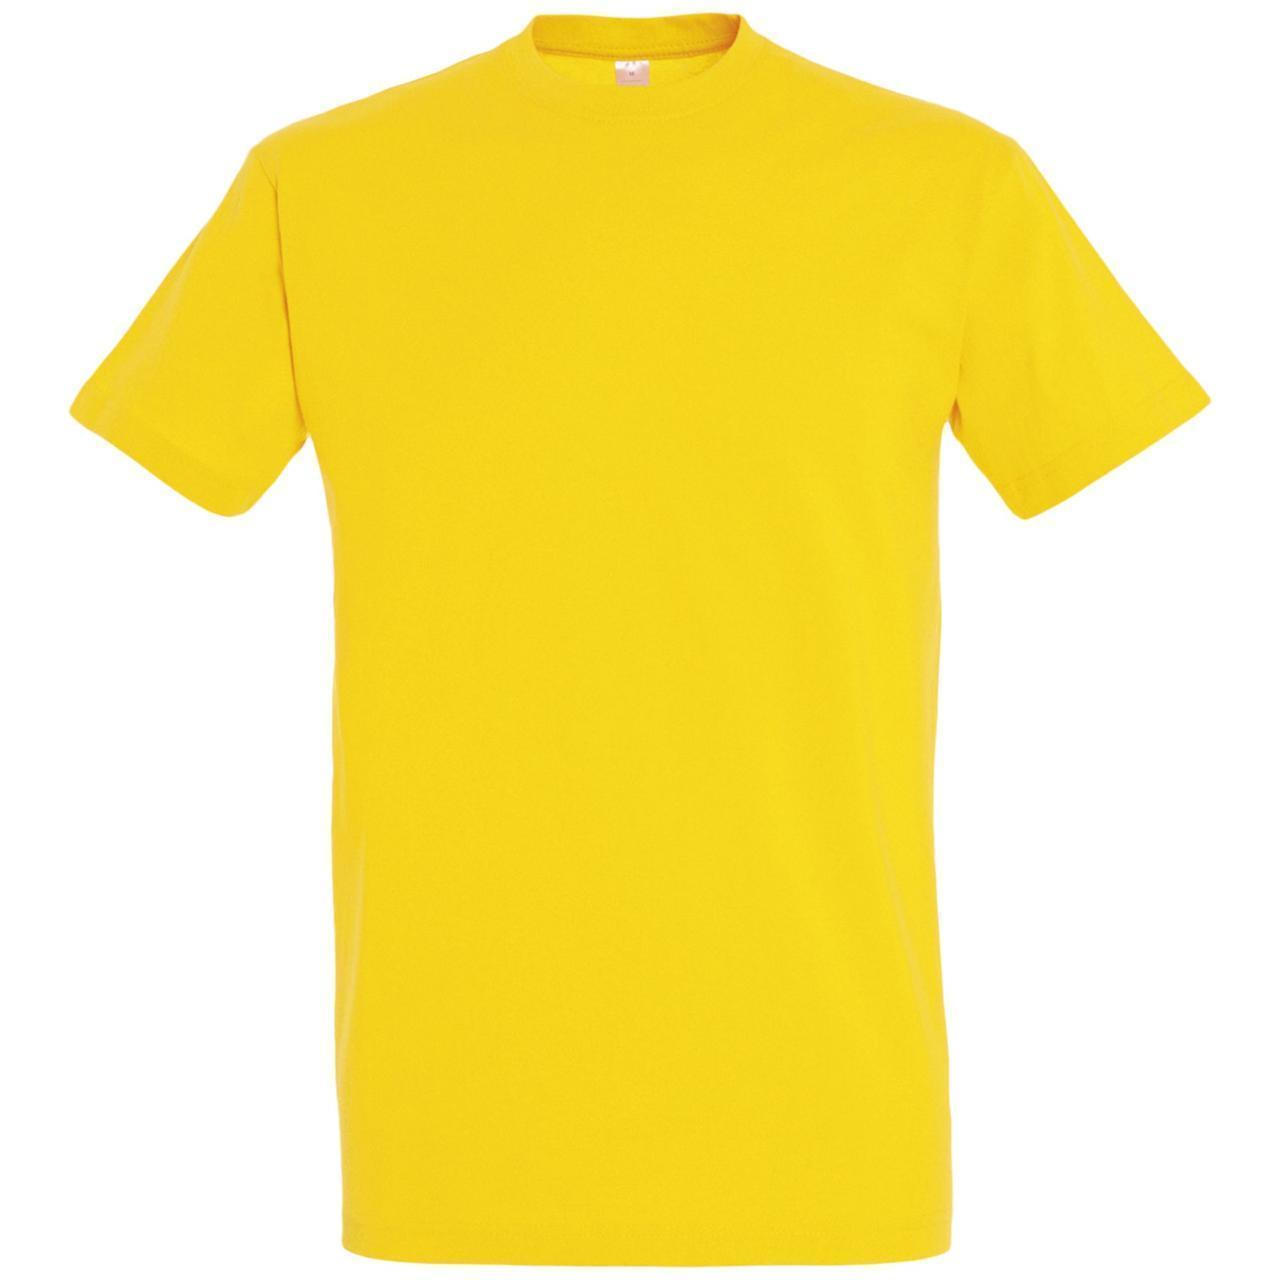 Oднотонная футболка | Желтая | 160 гр. | XL